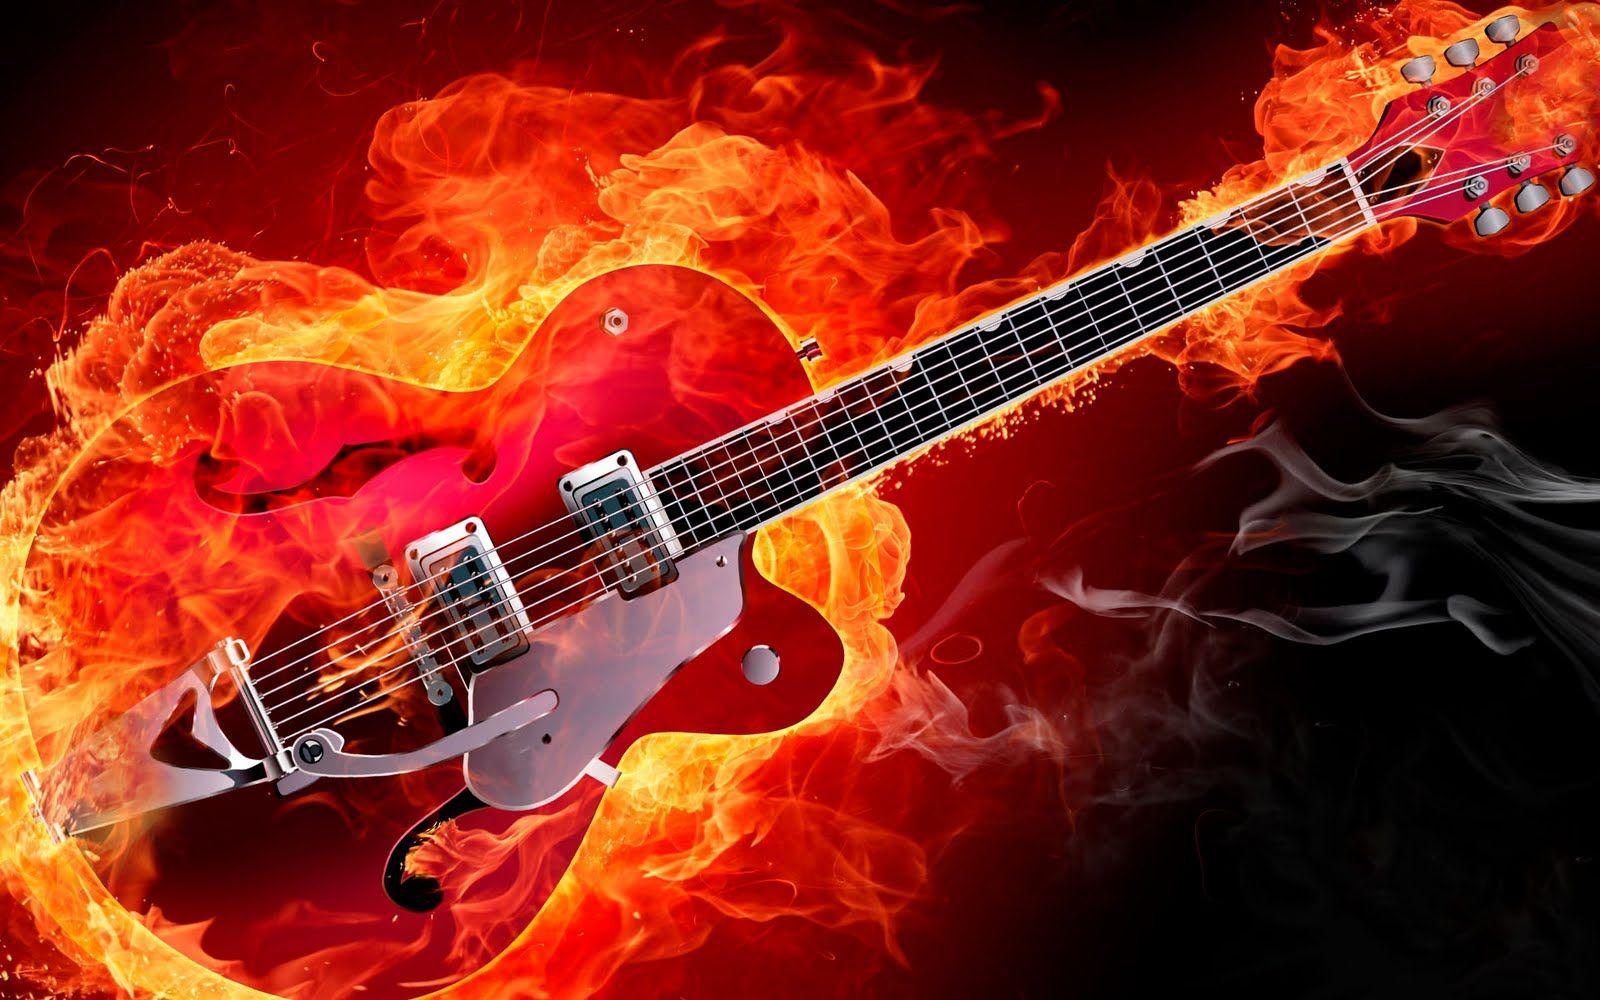 Guitar On Fire | Guitars | Pinterest | Guitars